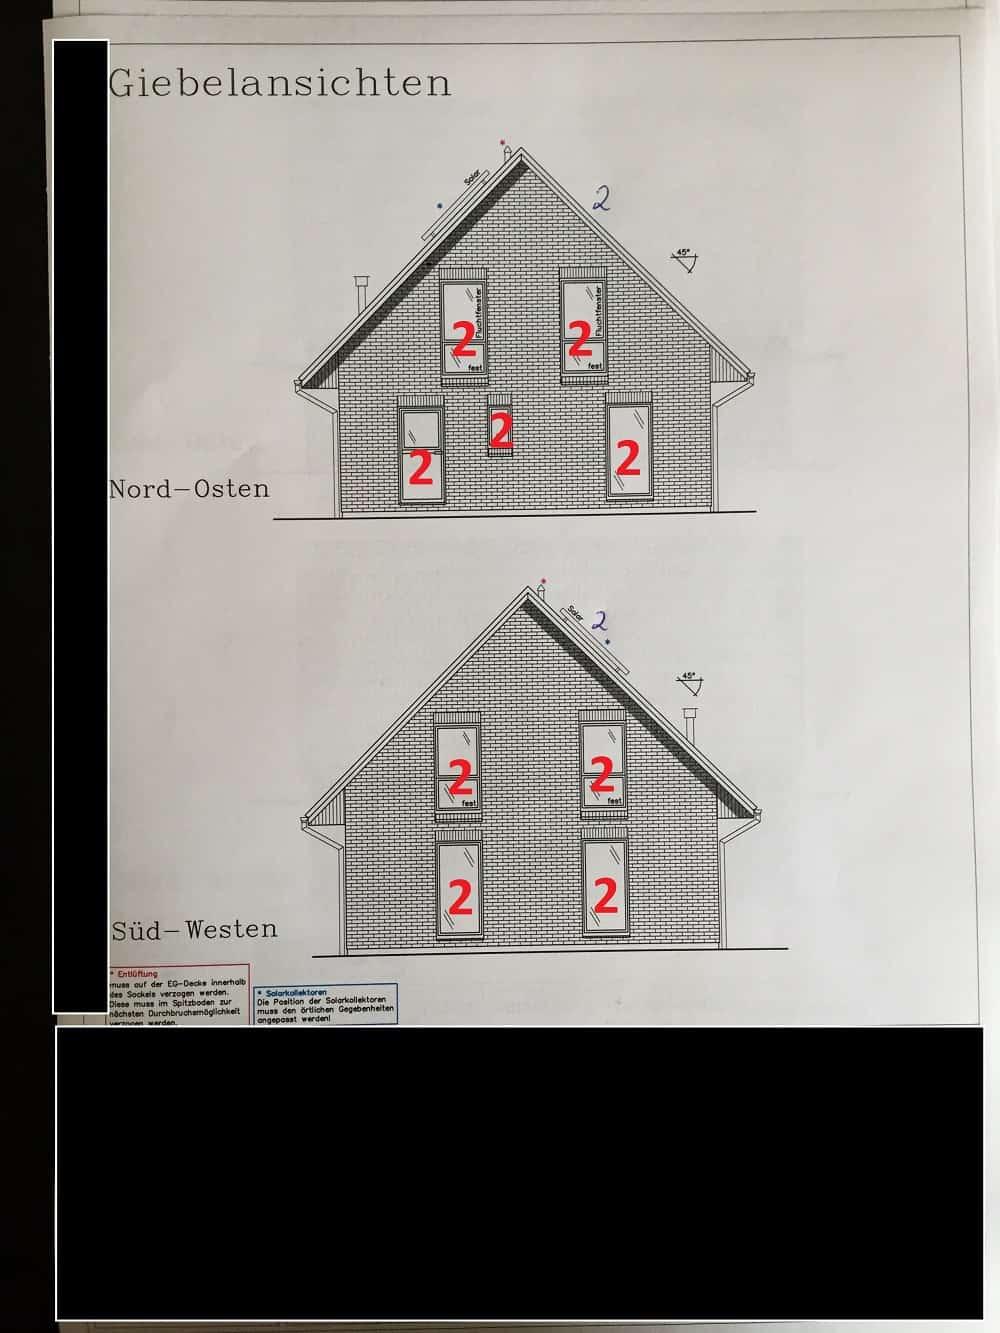 Alle Fenster und Türen auf dem Grundriss müssen markiert werden